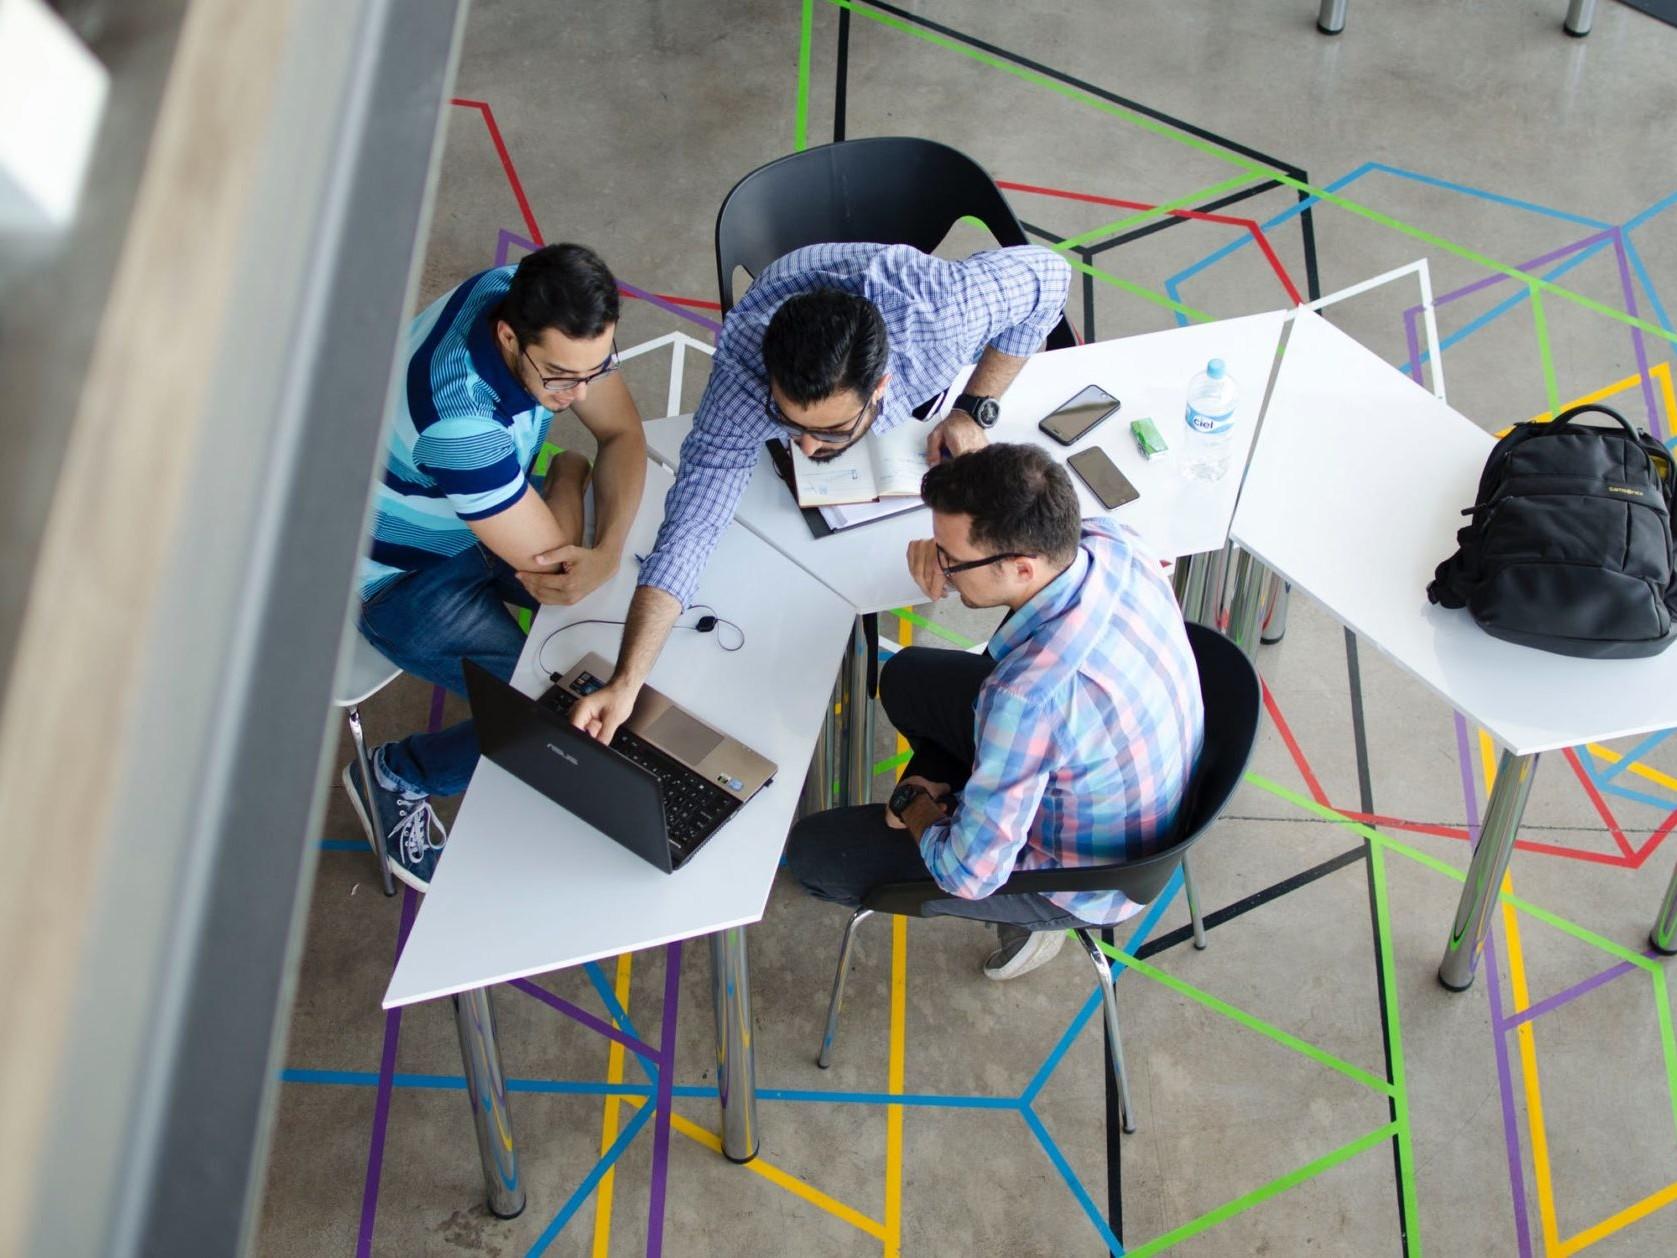 Eine Gruppe junger Männer sitzt am Tisch und berät am Laptop.